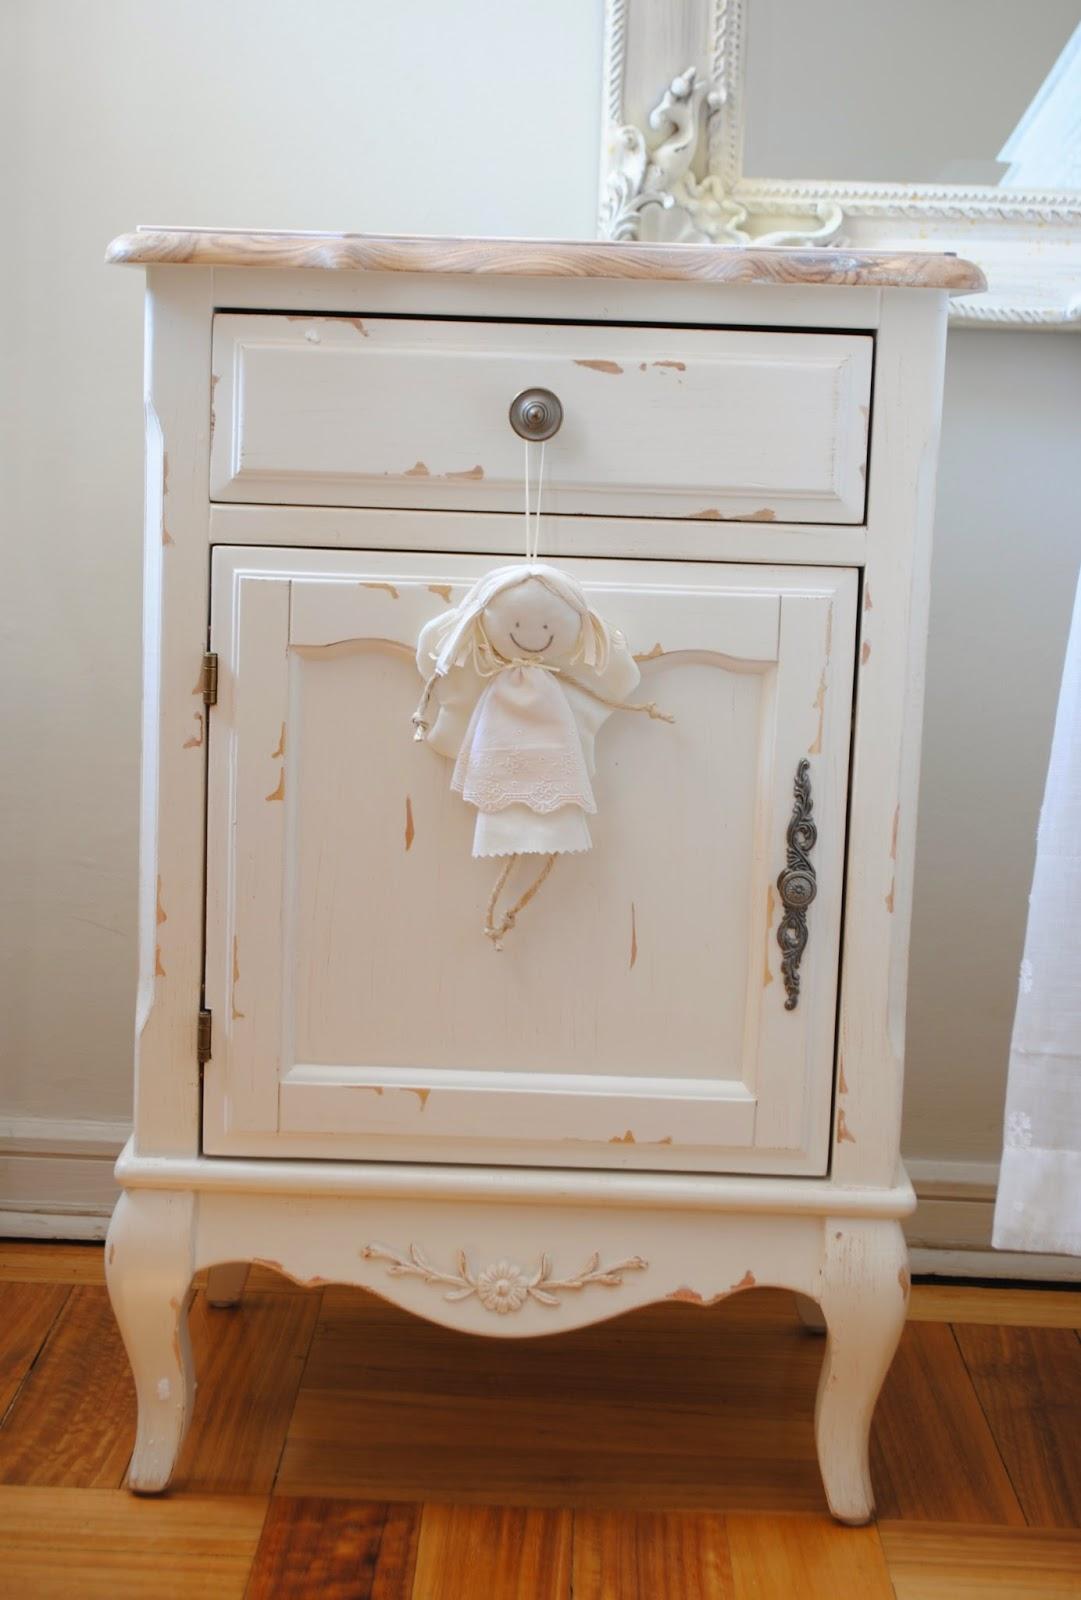 Muebles blanco decapado mueble tv loira estilo louis xv - Mueble blanco decapado ...